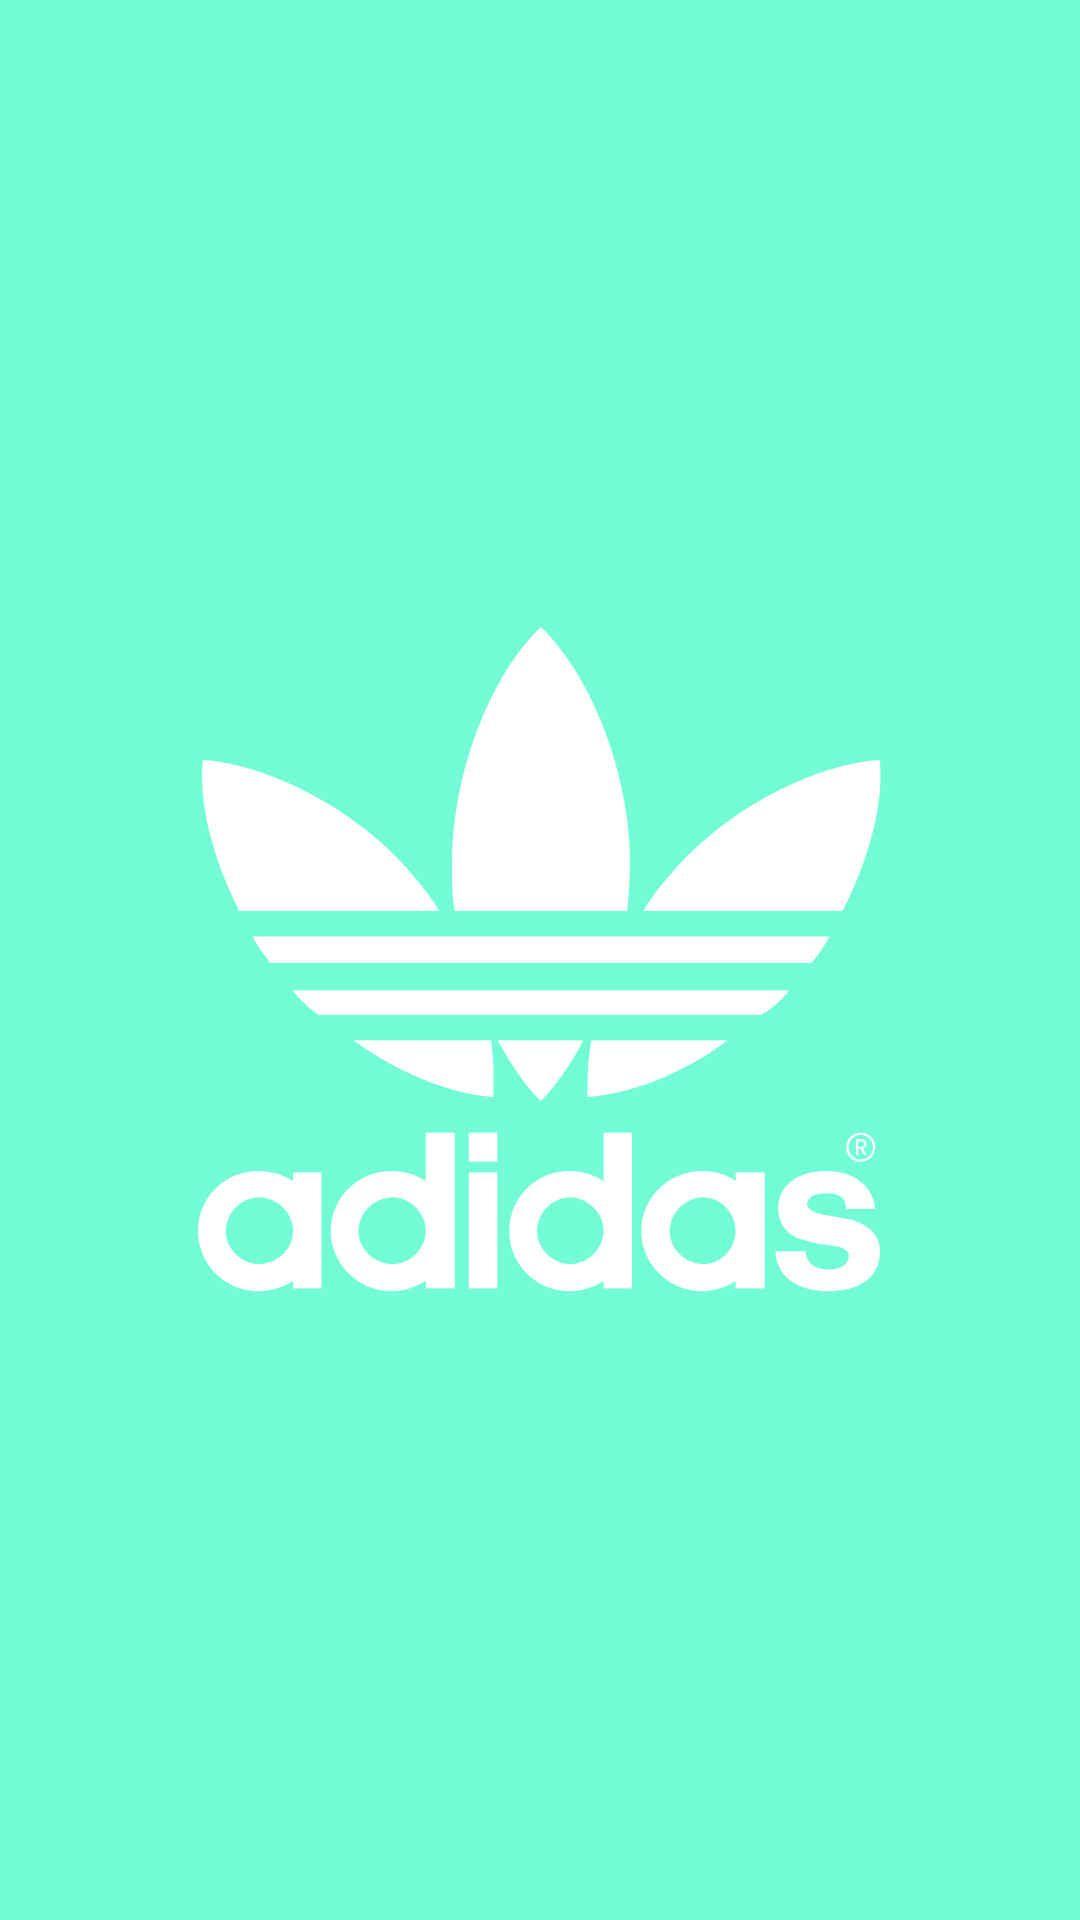 Adidas Logo Iphone Wallpaper Oboi V Stile Nike Oboi Dlya Iphone Novye Citaty